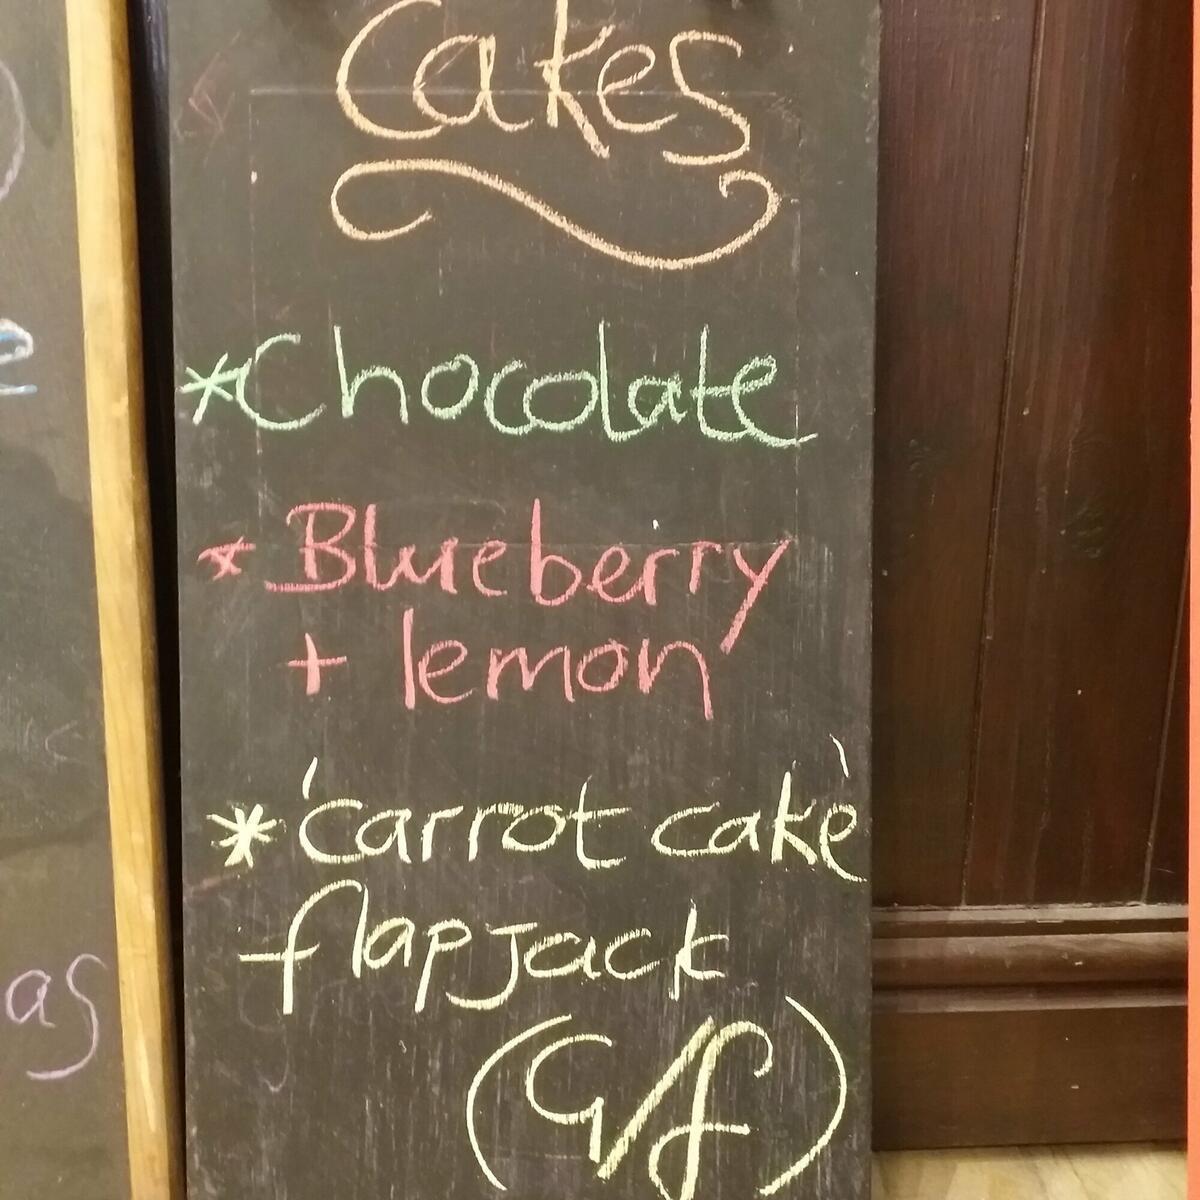 Cake menu changes weekly